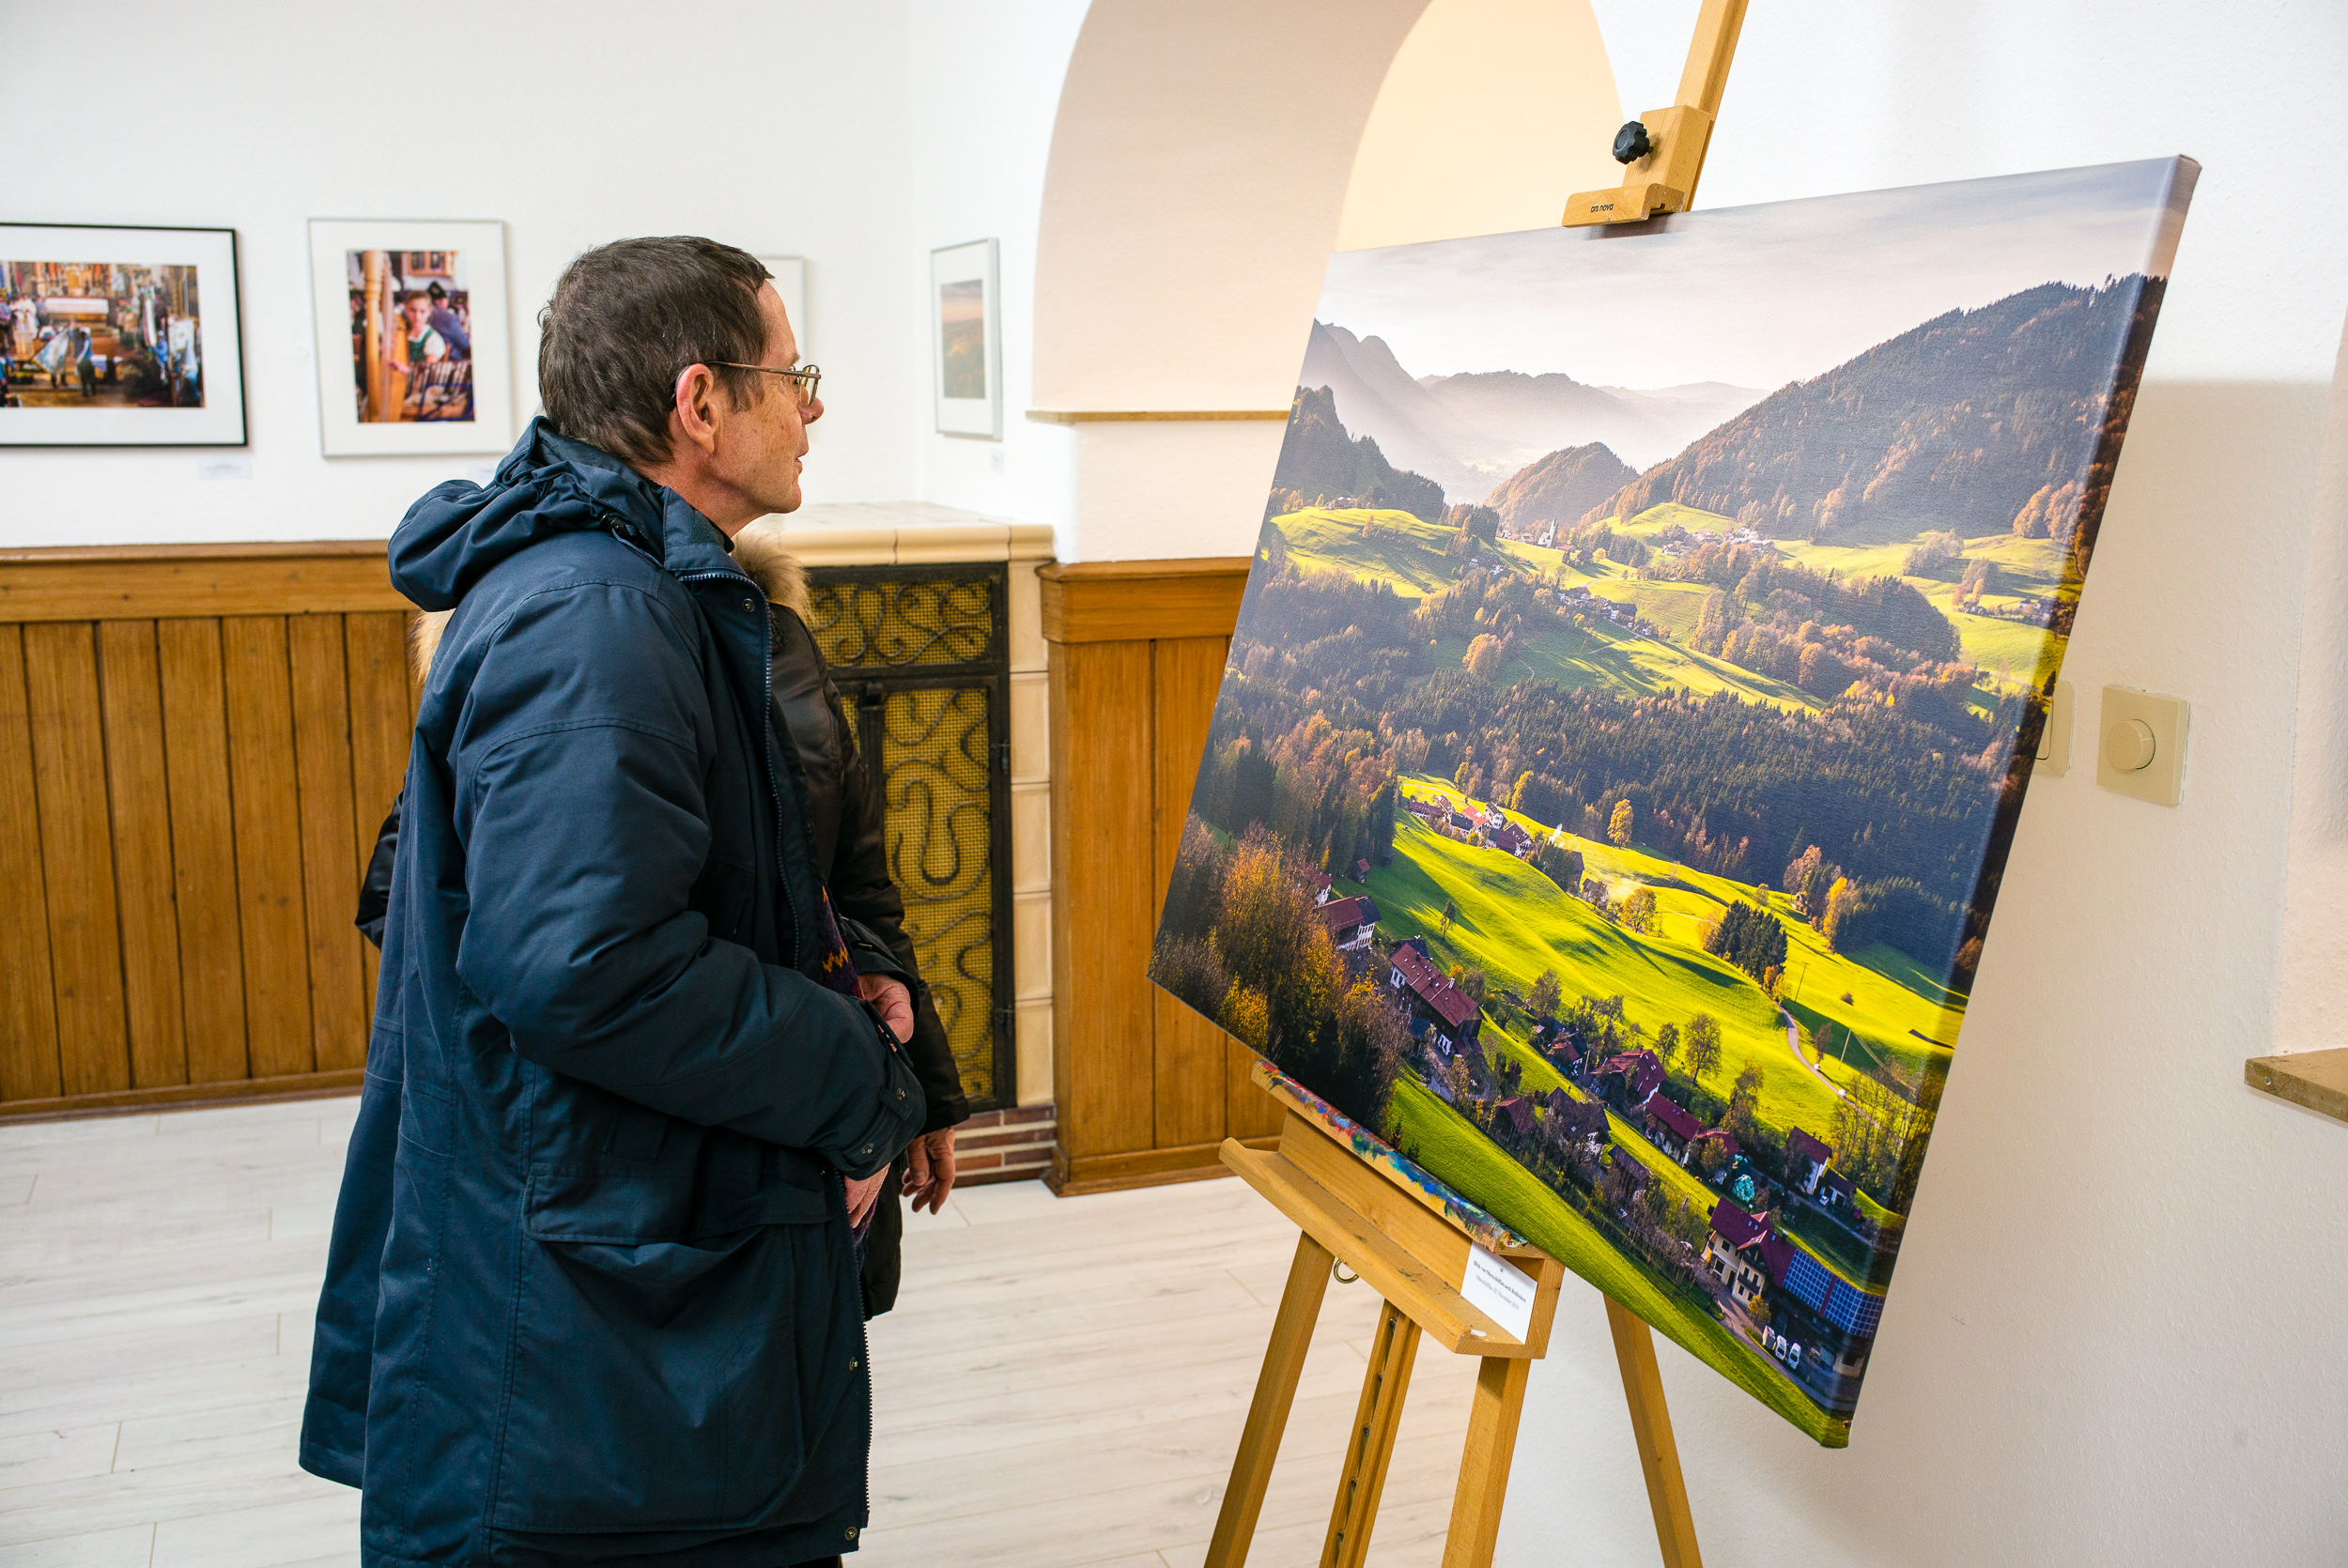 Ausstellungsbesucher-1007466